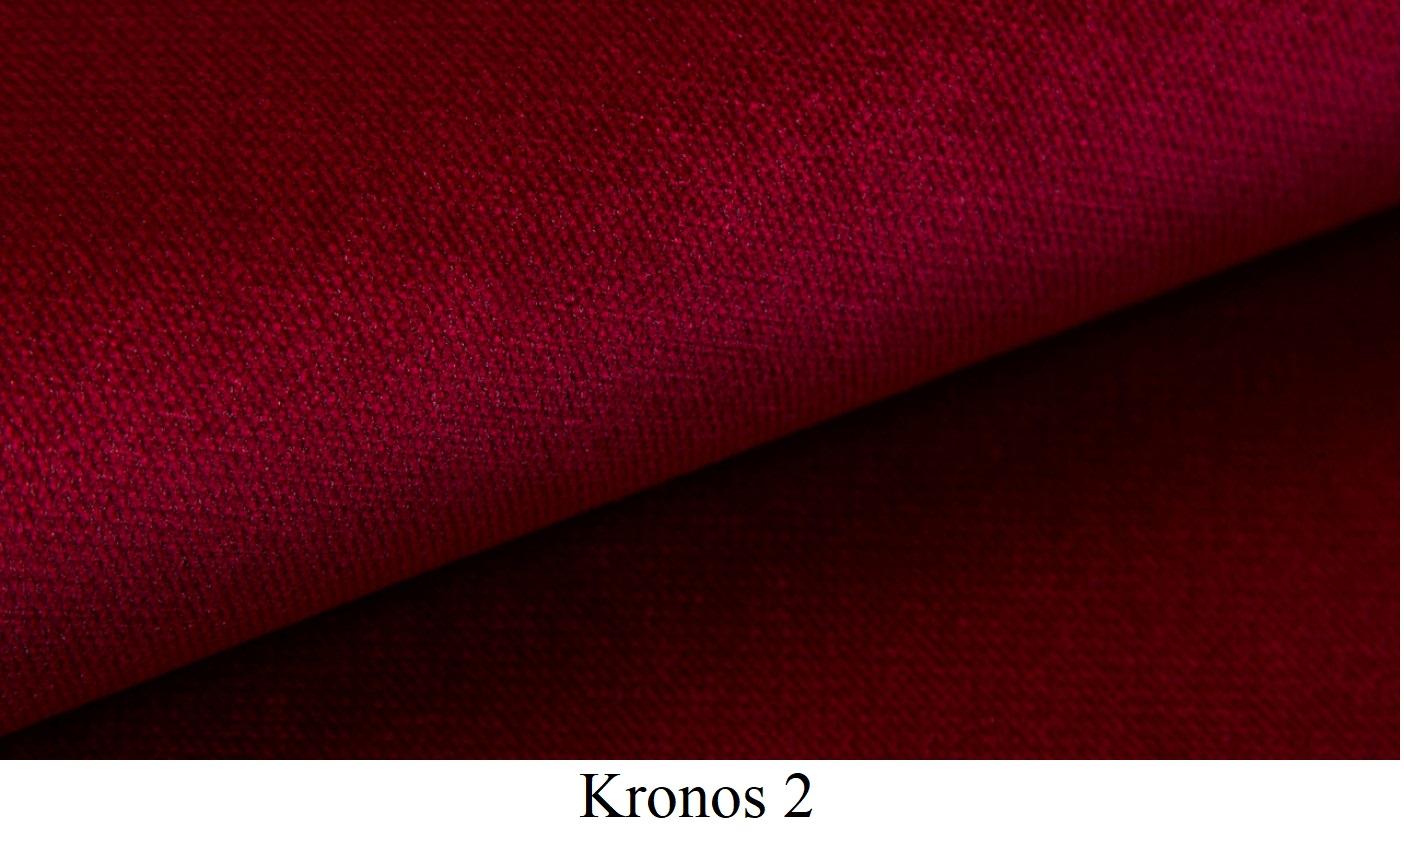 Kronos 02